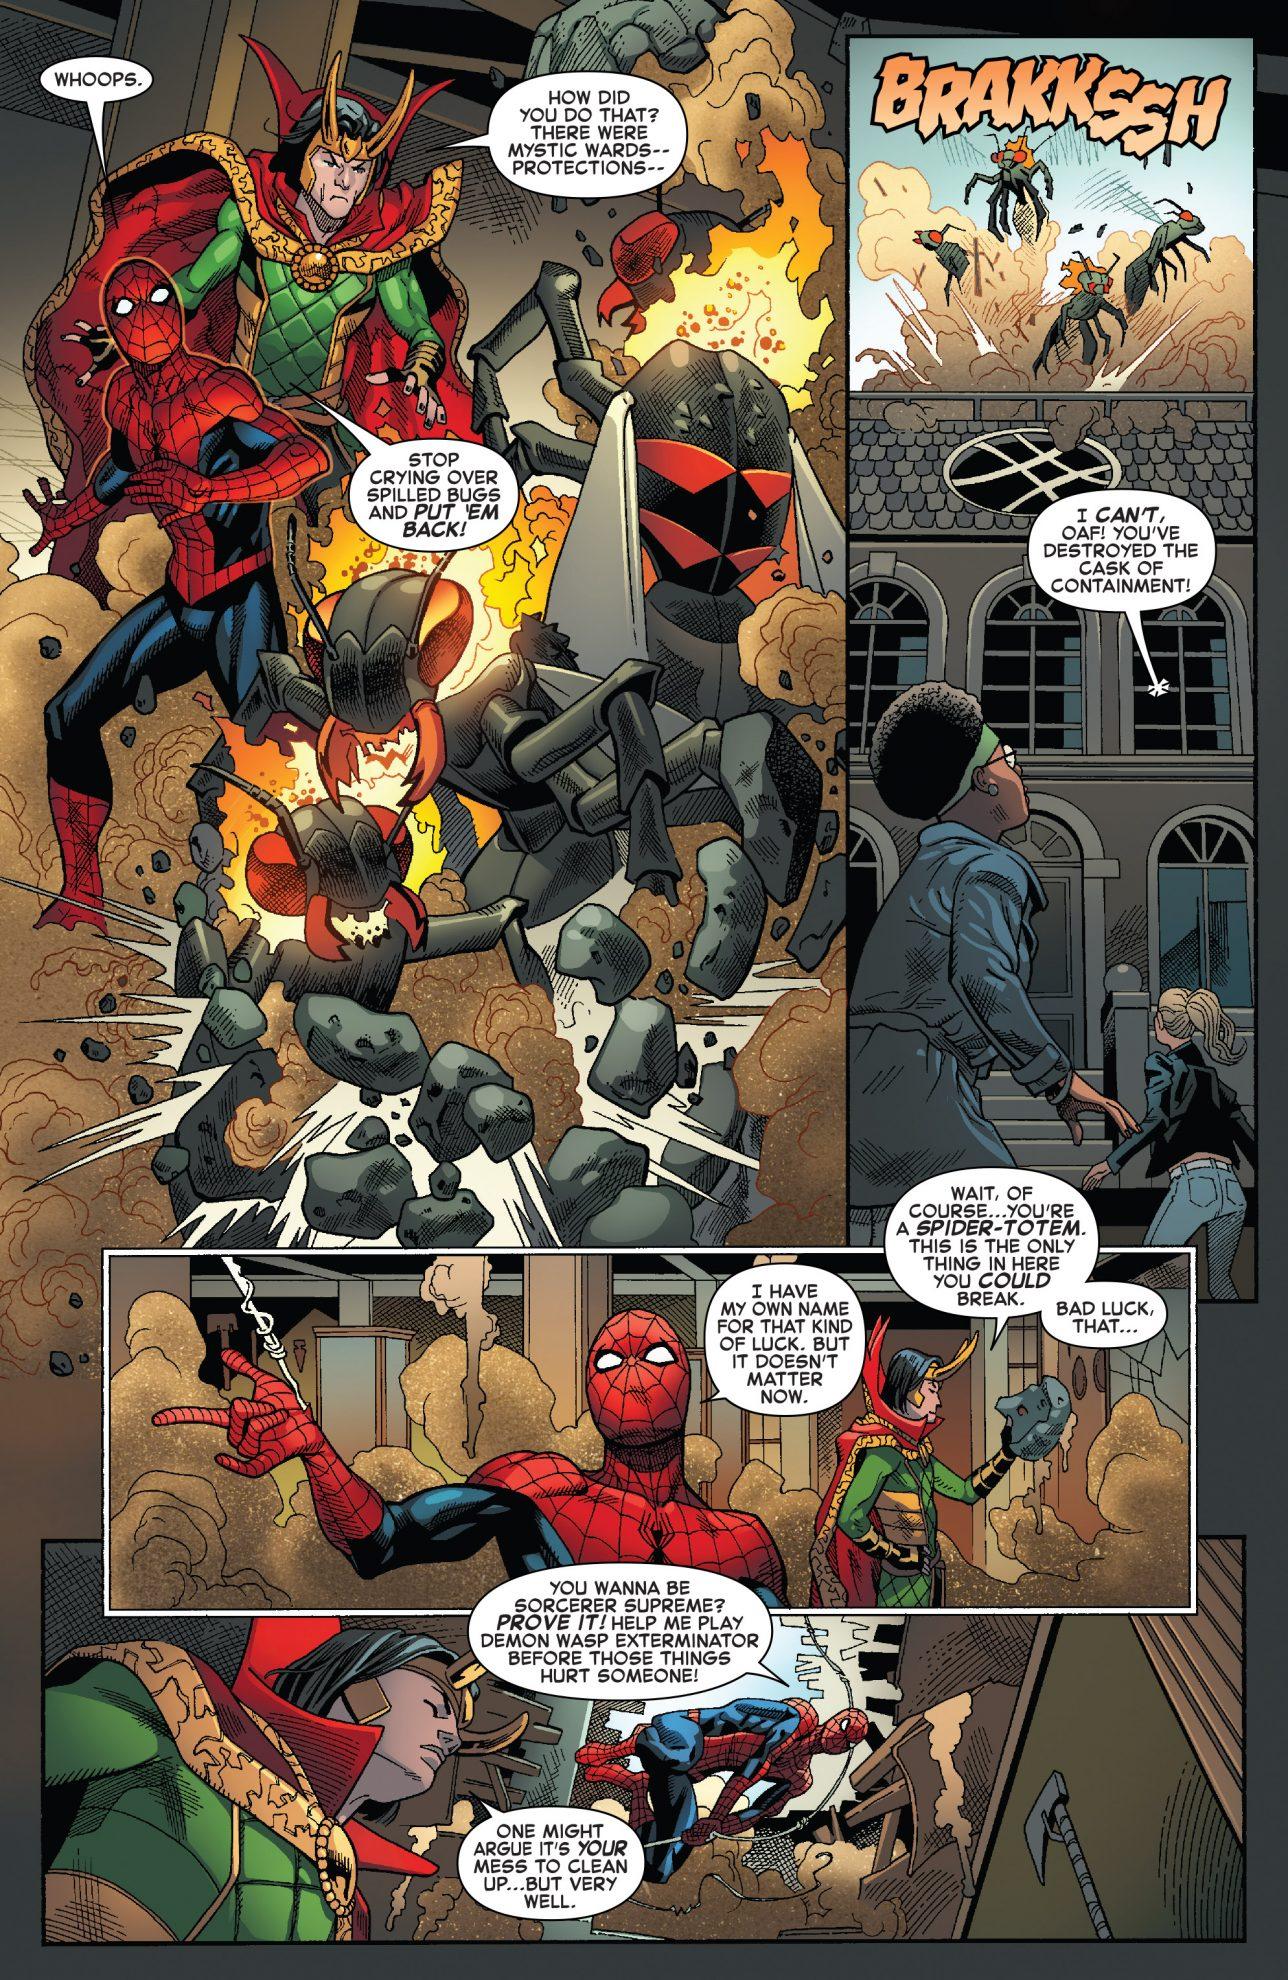 Spider-Man And Sorcerer Supreme Loki Team Up